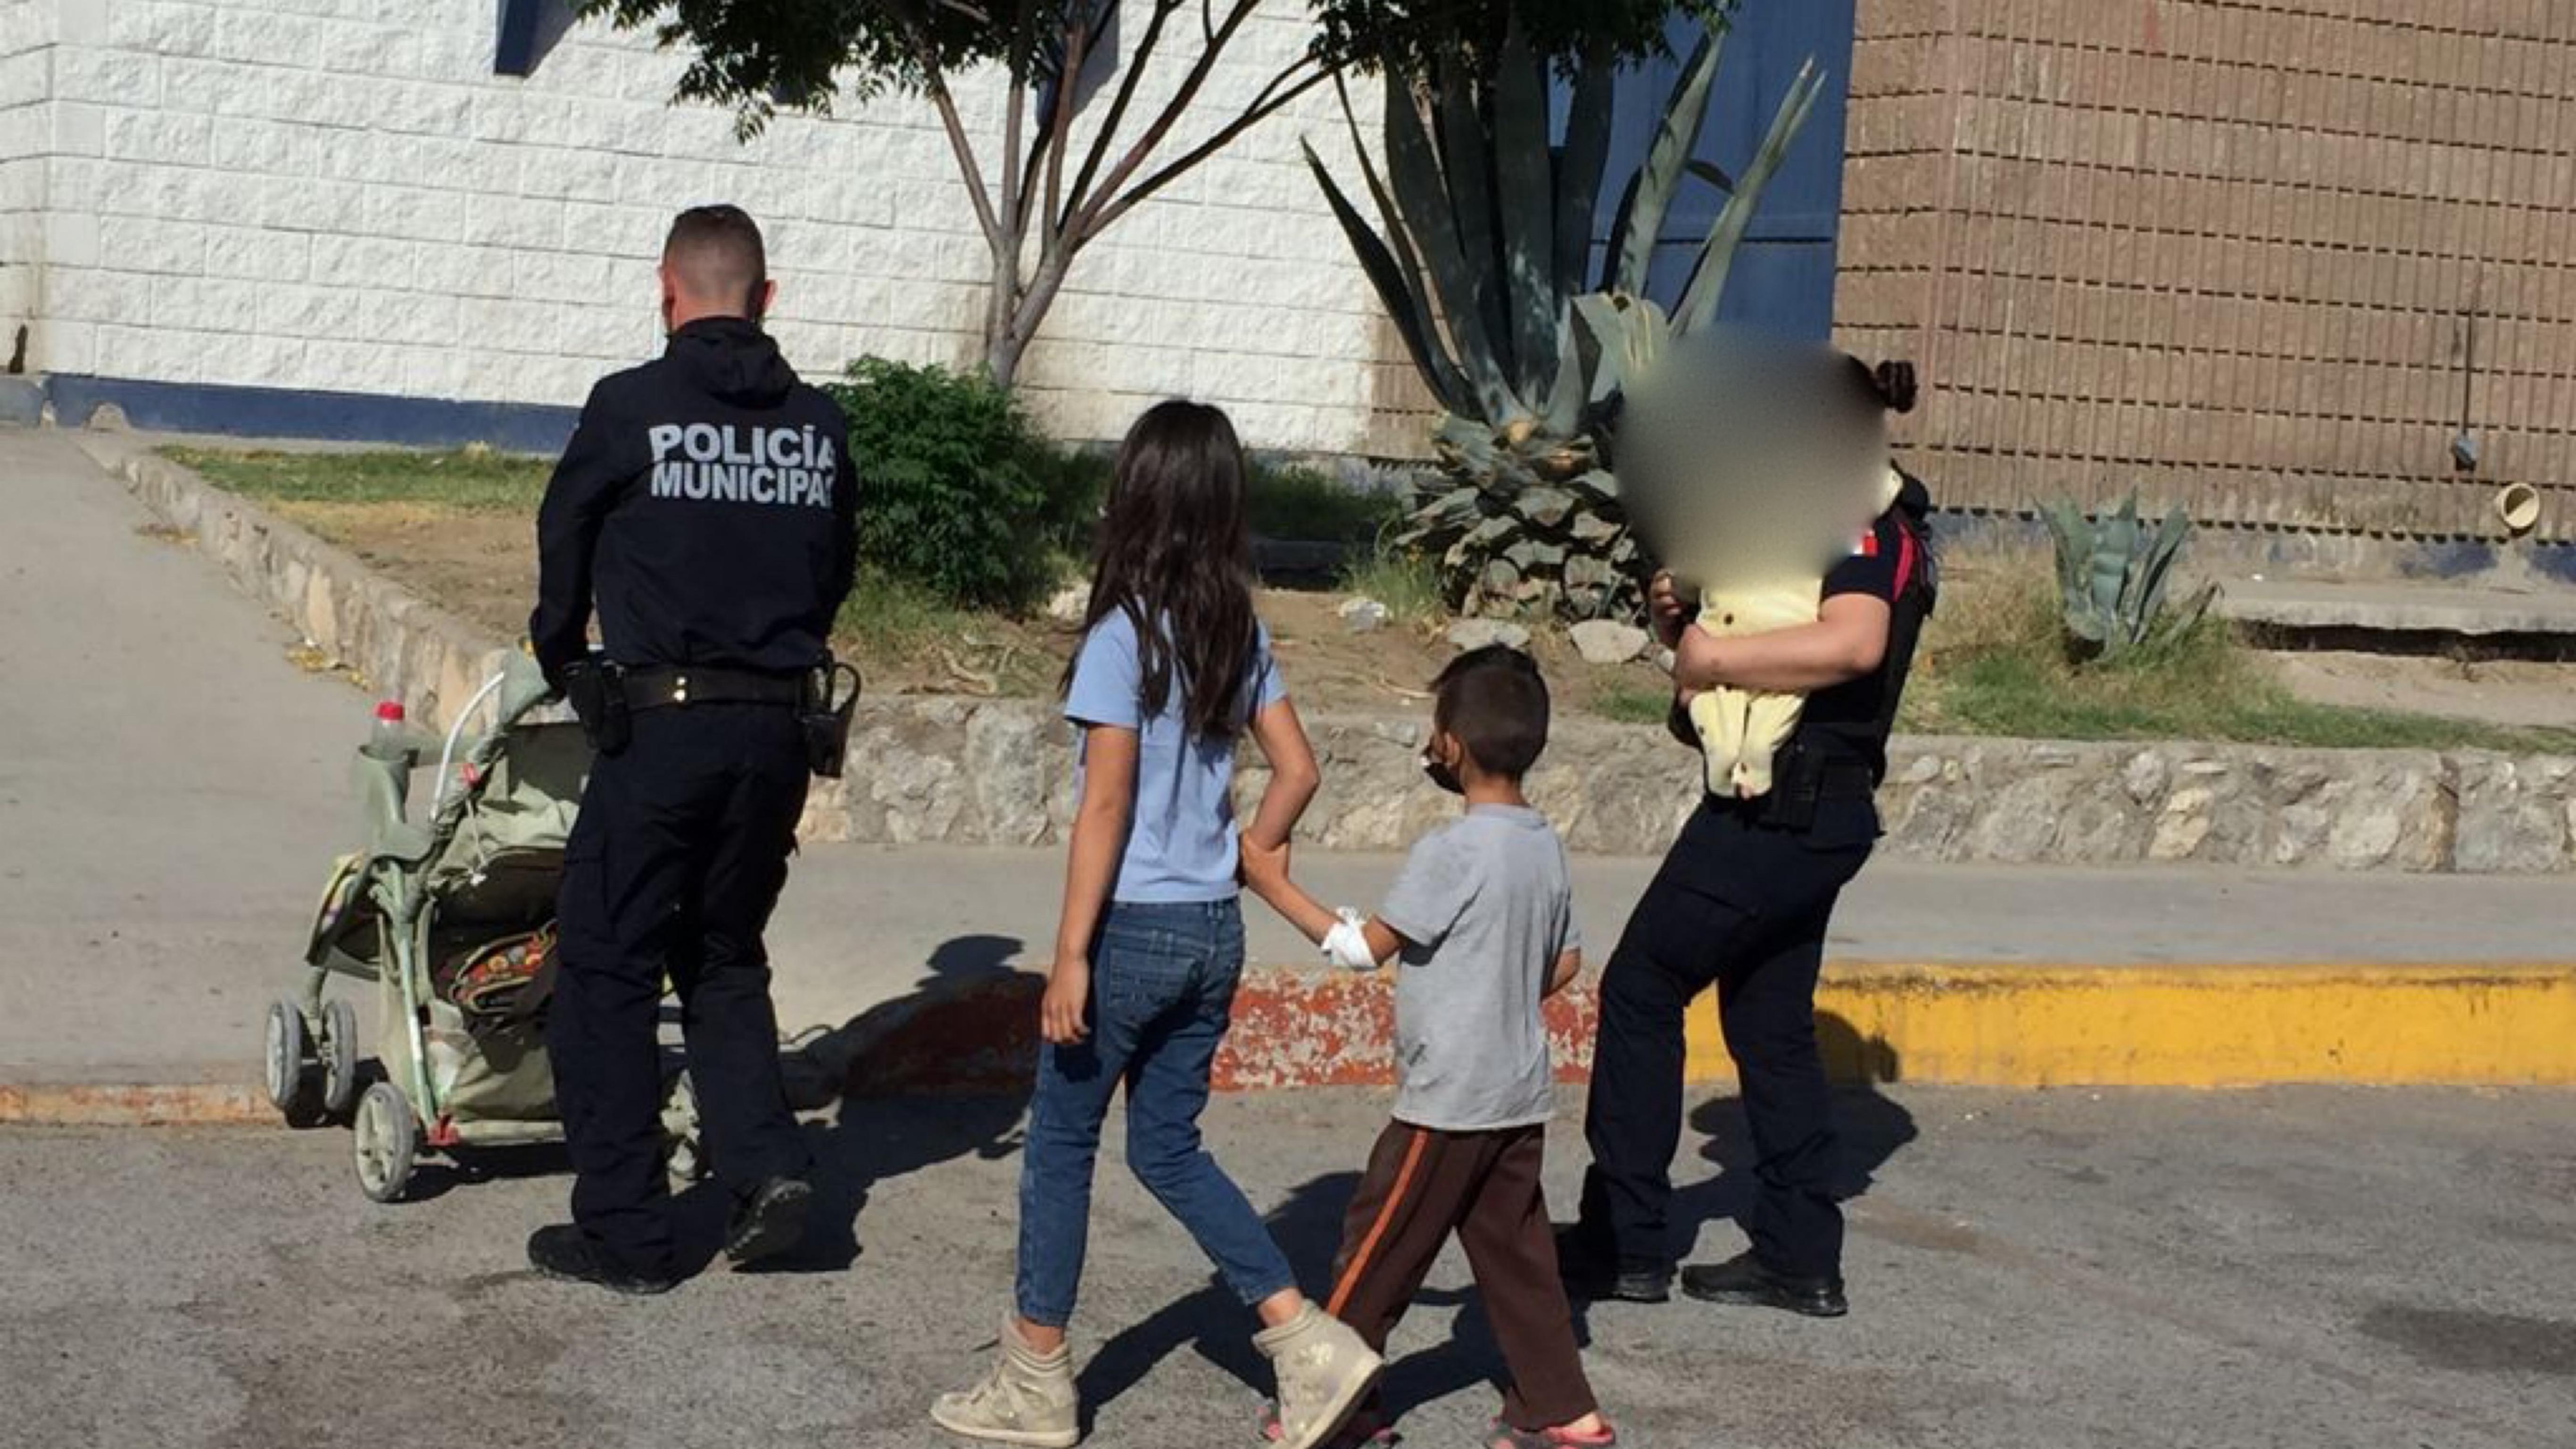 Menores abandonados por una mujer en calles de Ciudad Juarez, Chihuahua